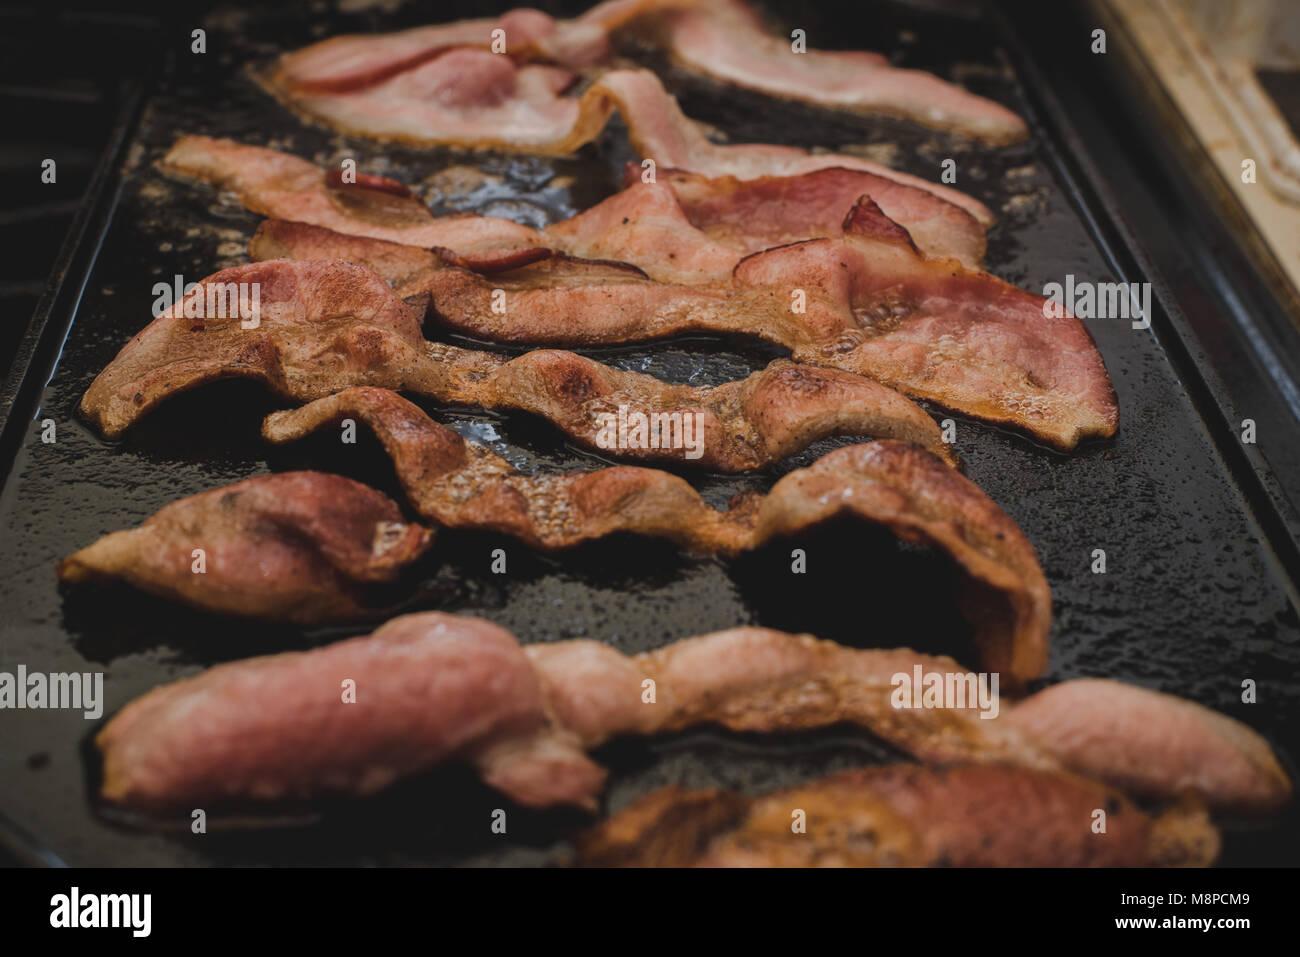 Un gros plan pour bacon sizzling sur une crêpière. Photo Stock